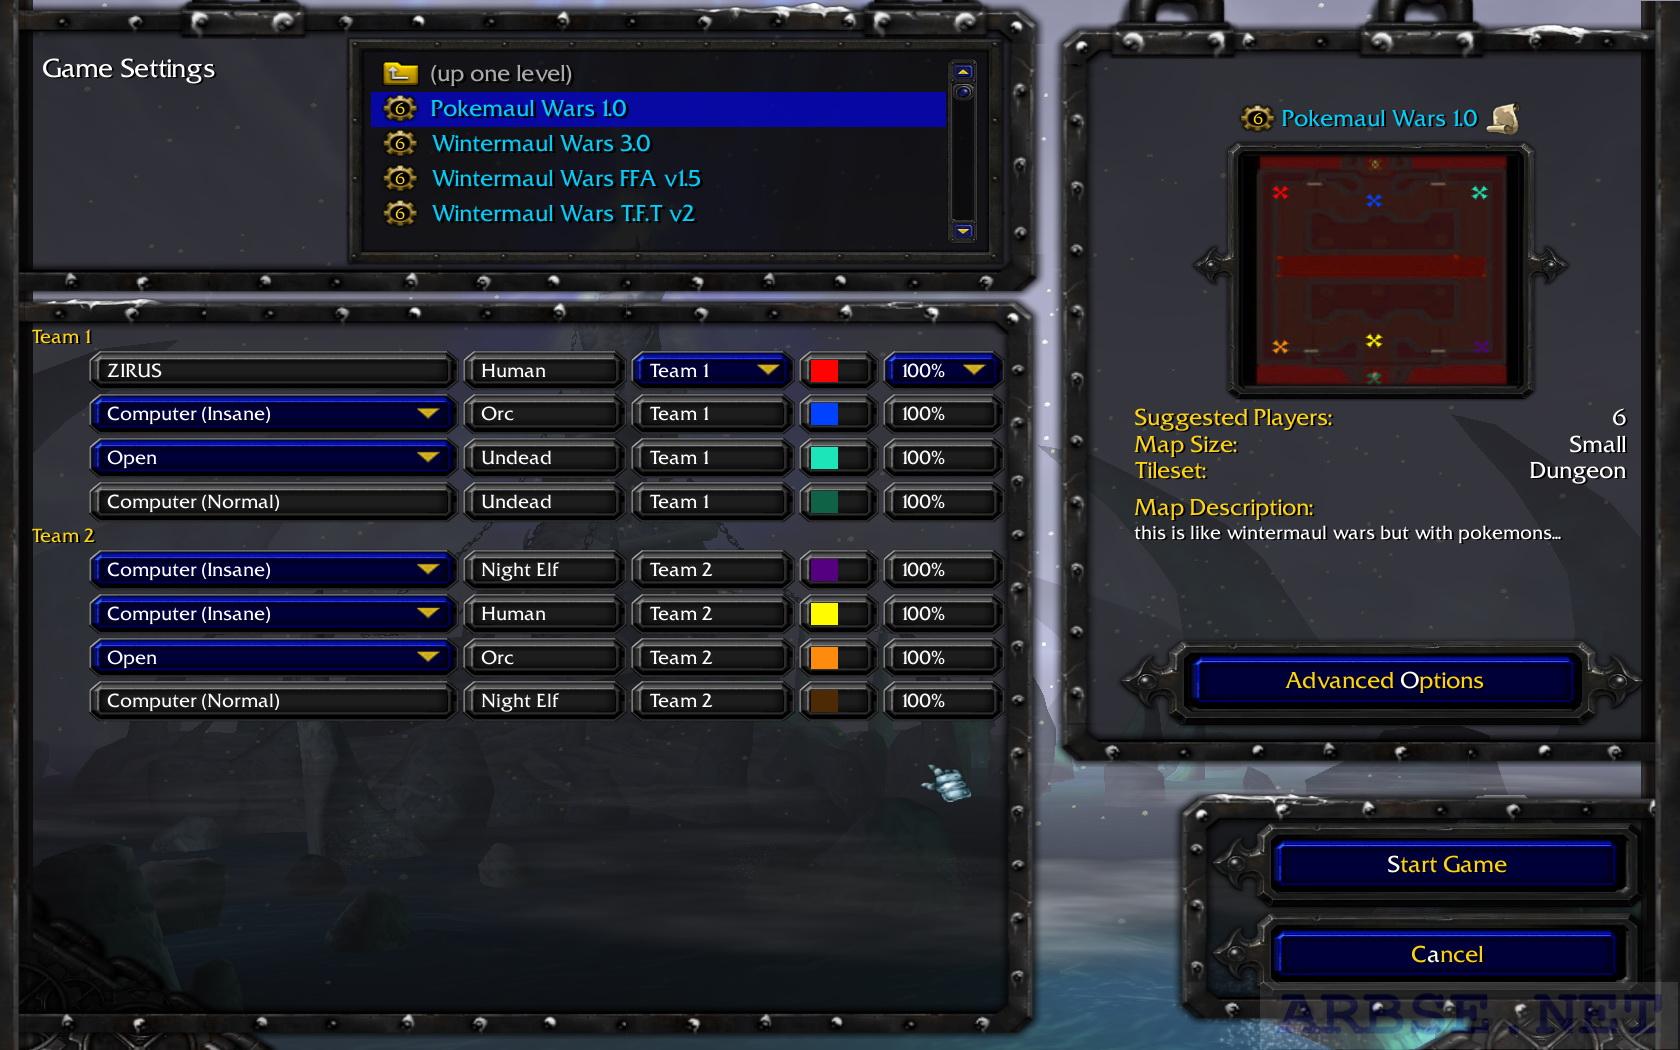 Warcraft 3 maul карты - Пакет пользовательских карт для